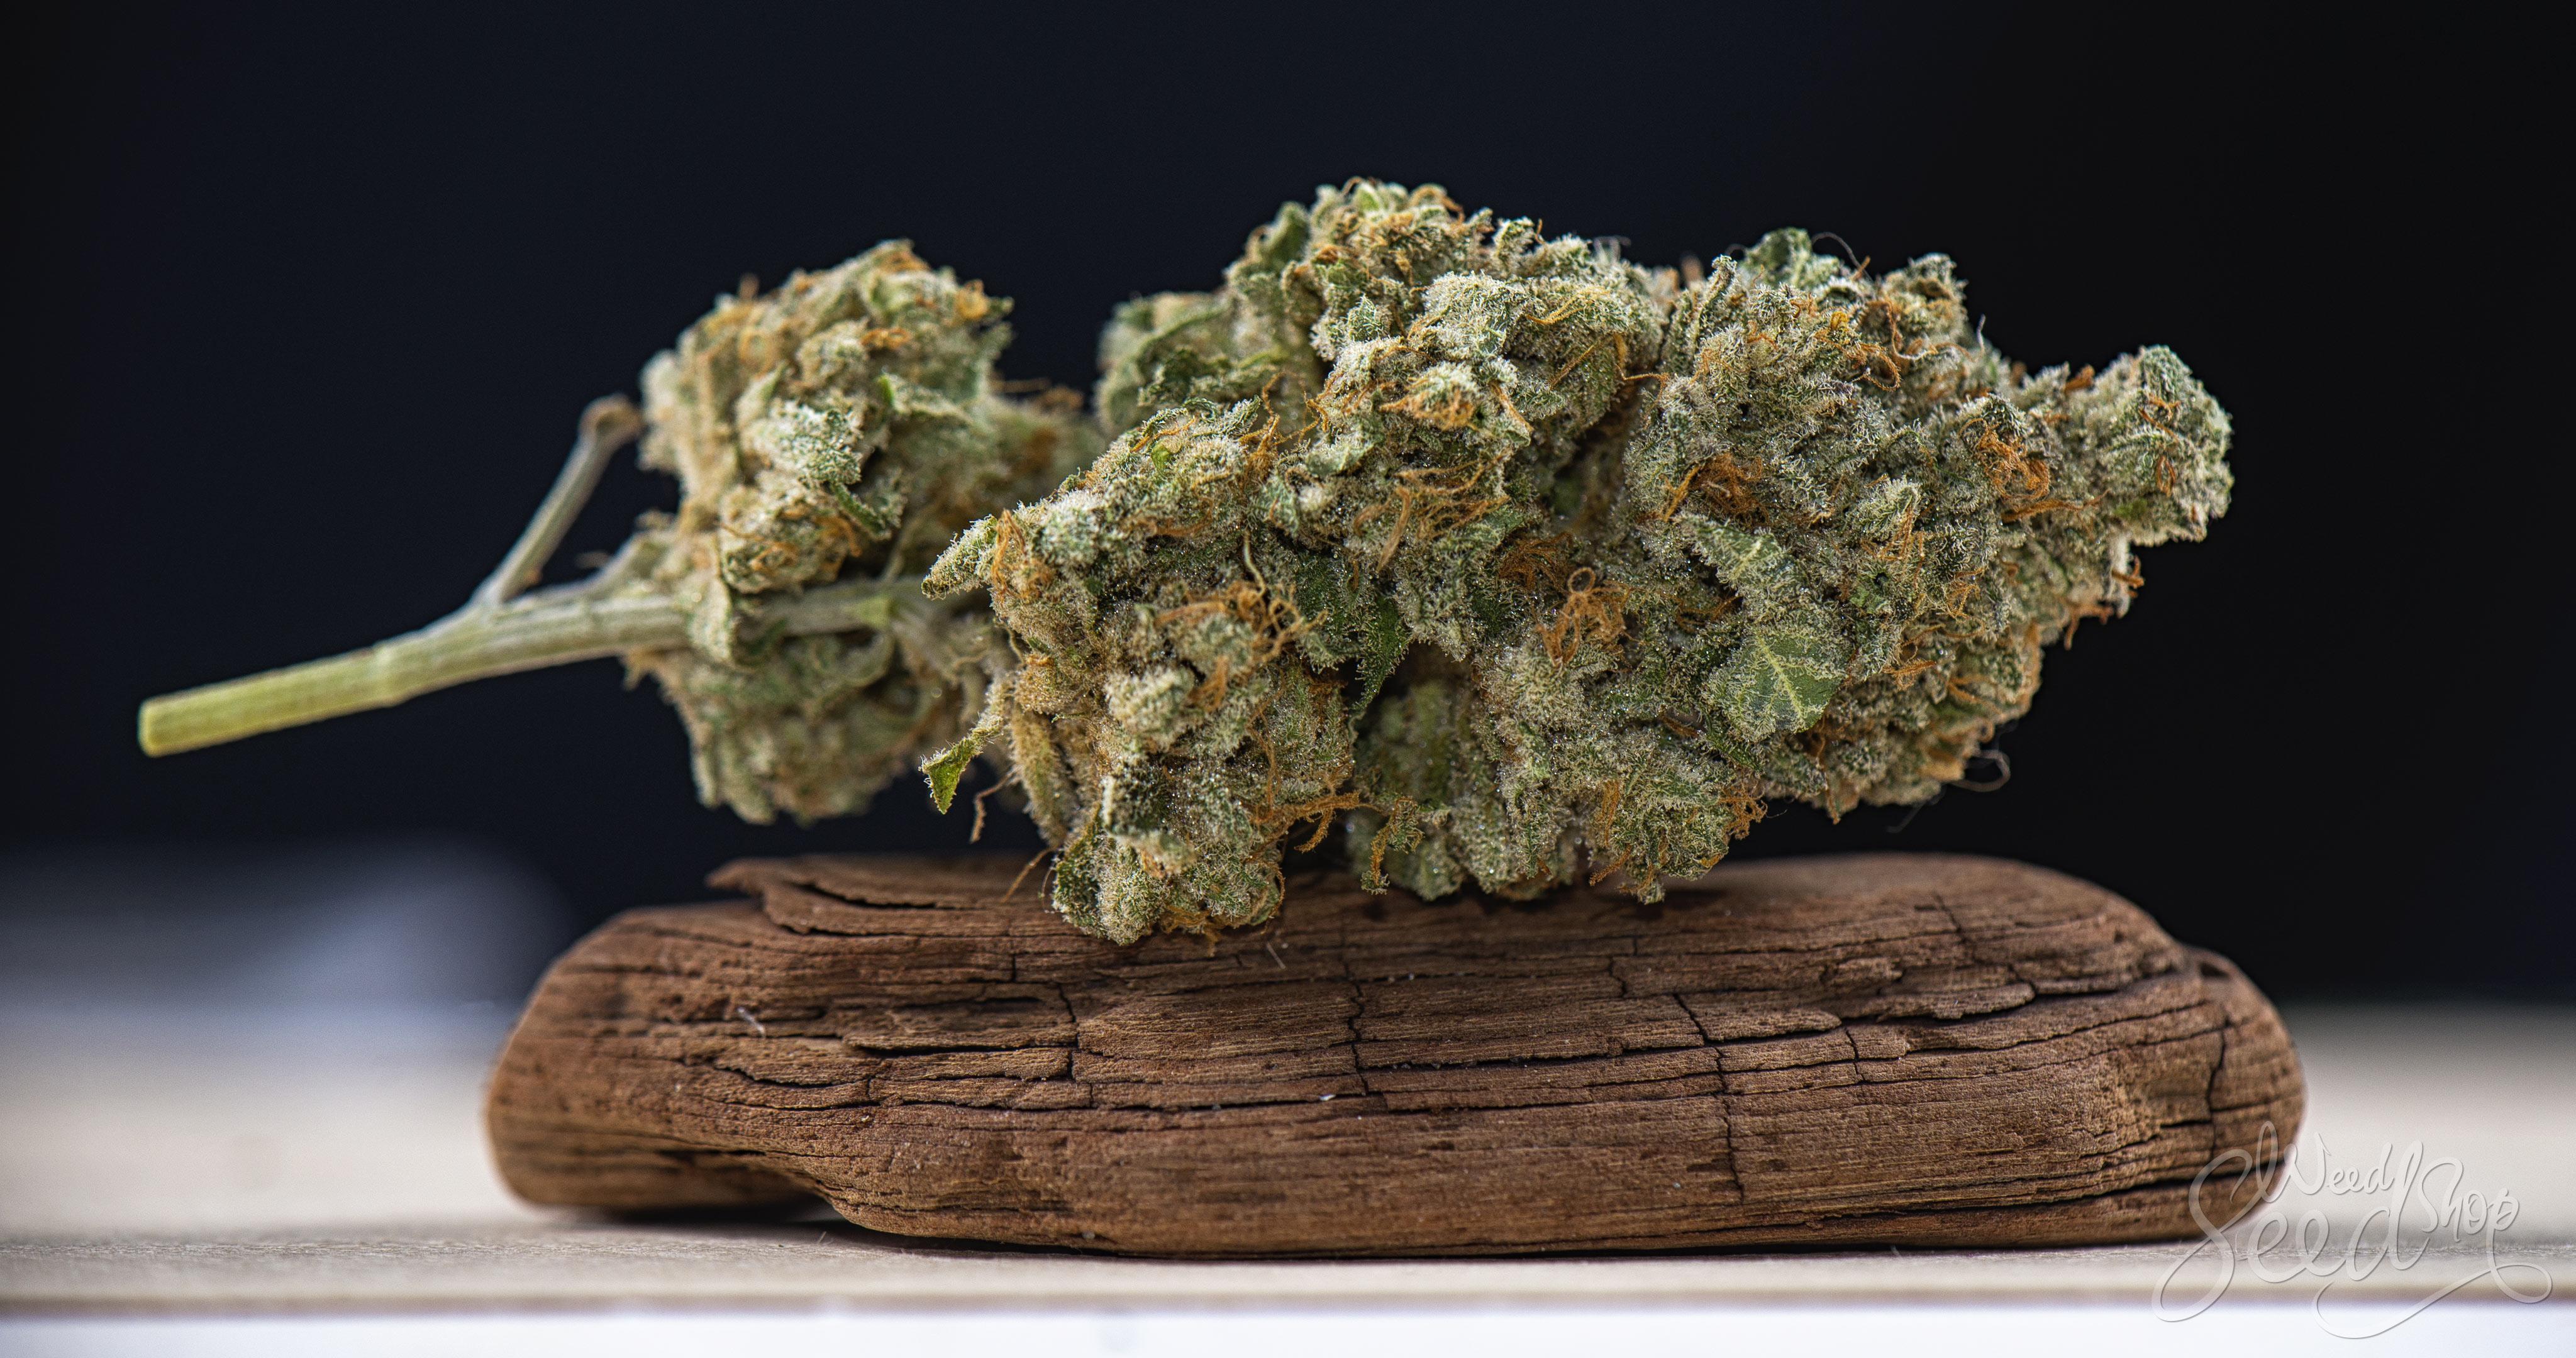 5 formas para rehidratar tu marihuana - WeedSeedShop